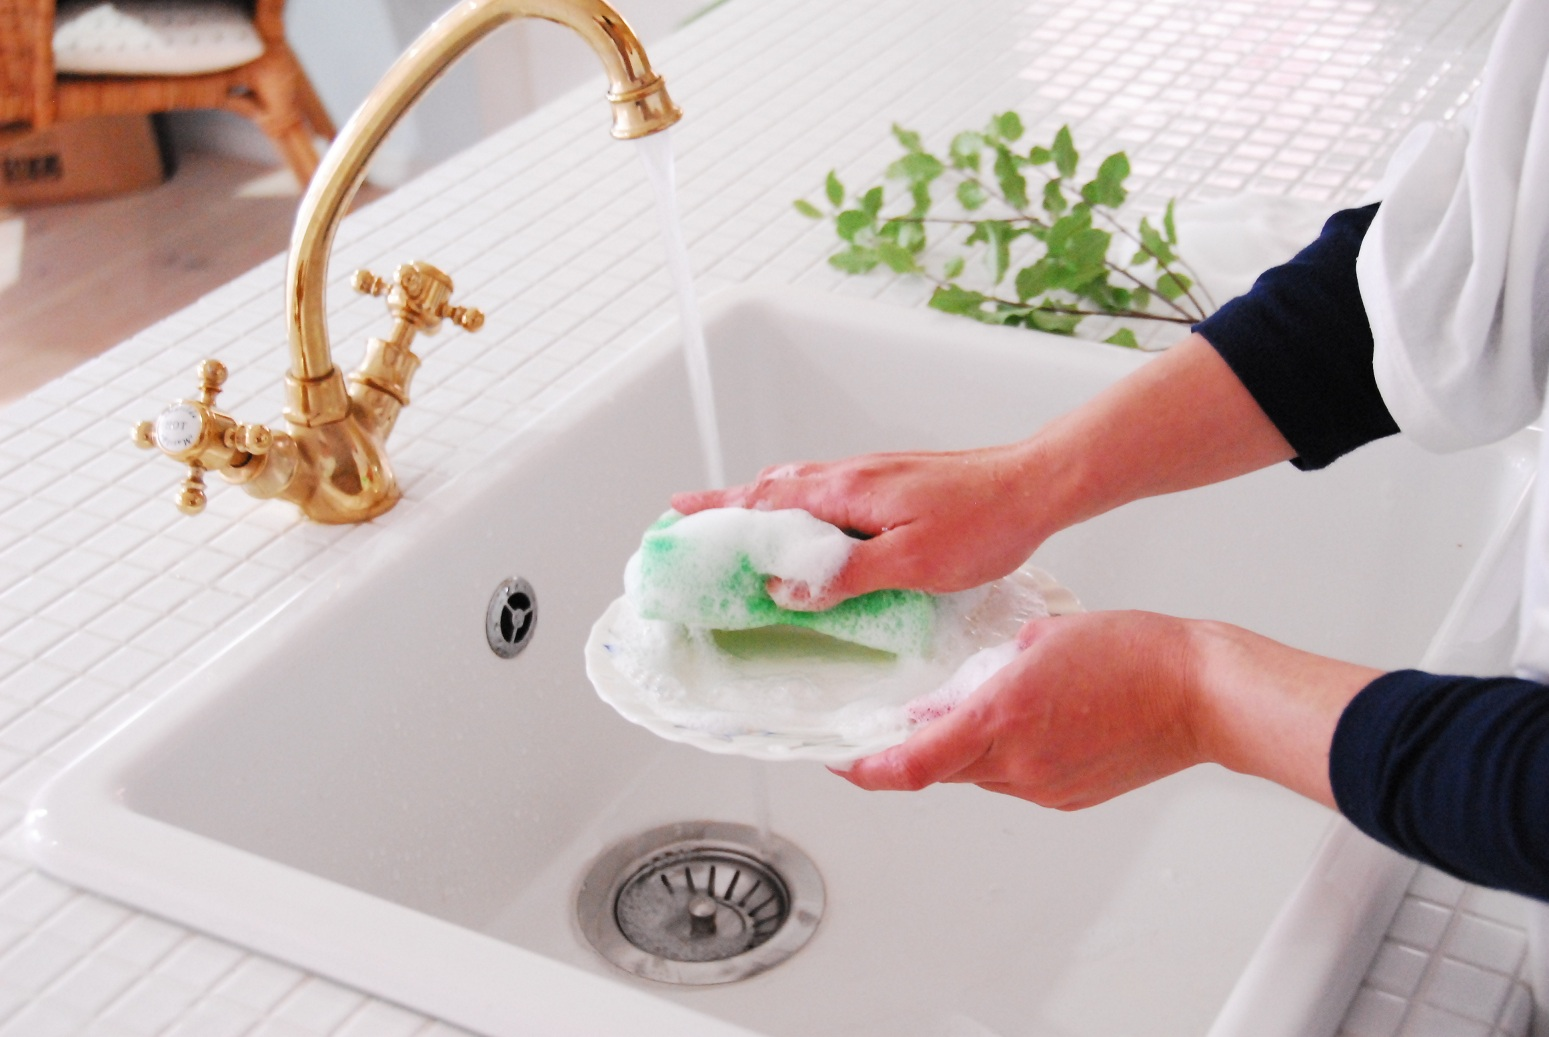 台所用中性洗剤サンセブンハイアールE型(750g入)温泉成分 コラーゲン配合手荒れ改善。片手で洗えて合理的。スポンジ泡モコモコ。油汚れ即落ち家事大好き嬉しい気分。形状の関係でメール便での発送はお受けできません。予めご了承願います。